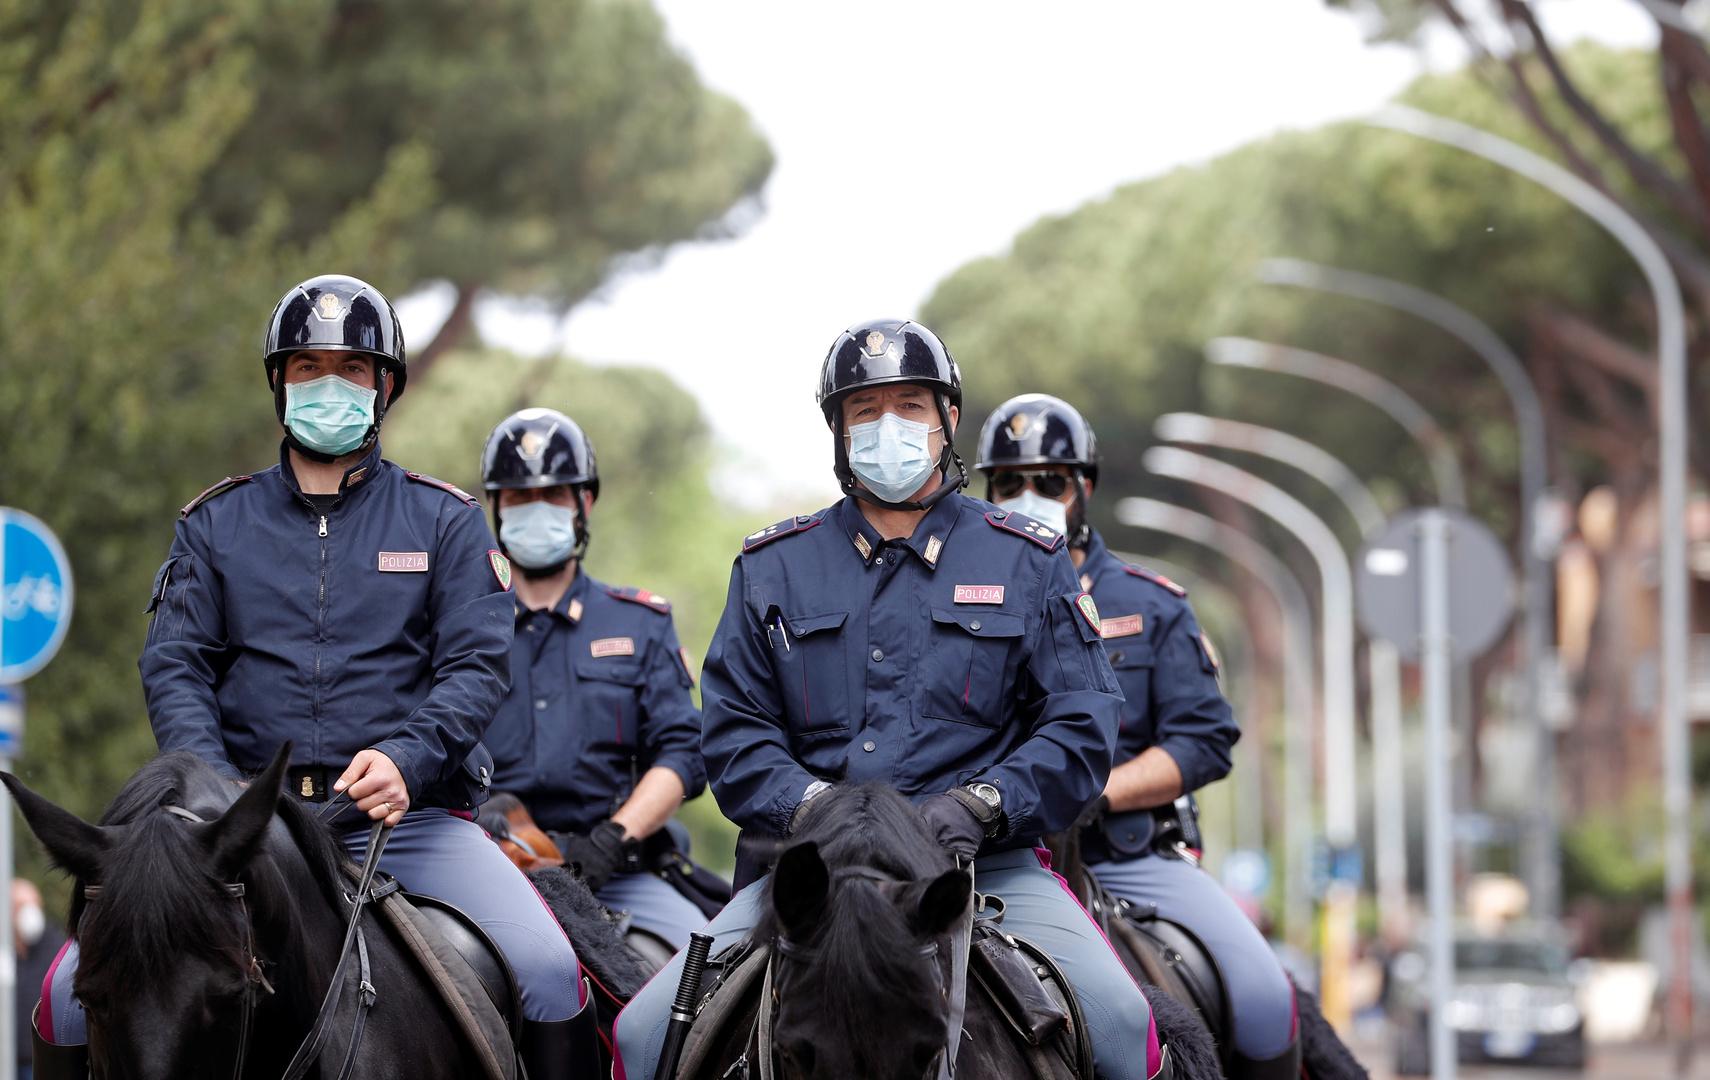 إيطاليا.. ضبط طائفة مارست لعقود اعتداءات جنسية على أتباعها من القاصرات